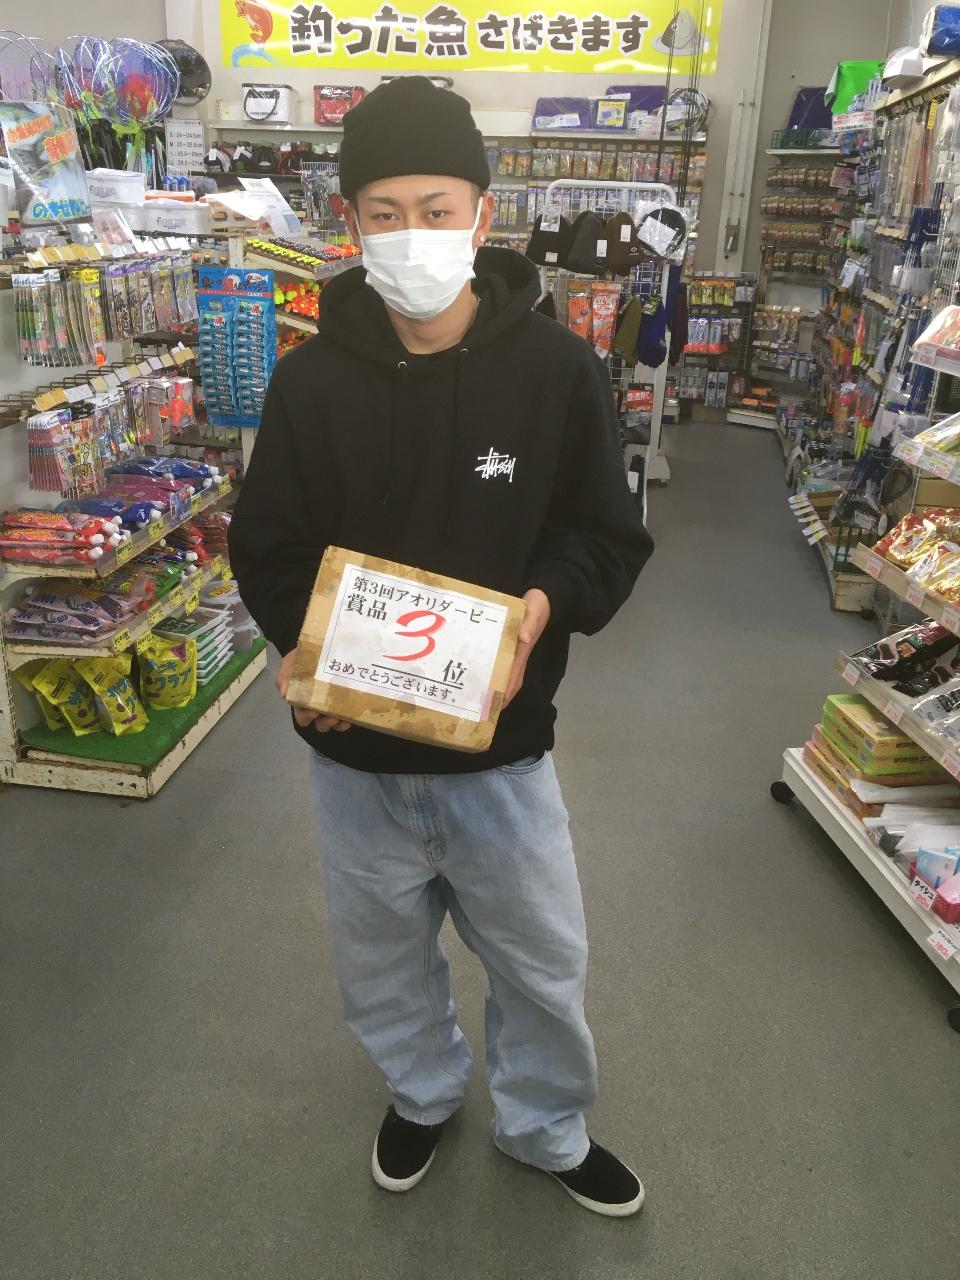 12/28    第5回アオリダービー      3位  イワモト コウキ様  大阪王将冷凍炒めチャーハン10袋get !! おめでとうございます。